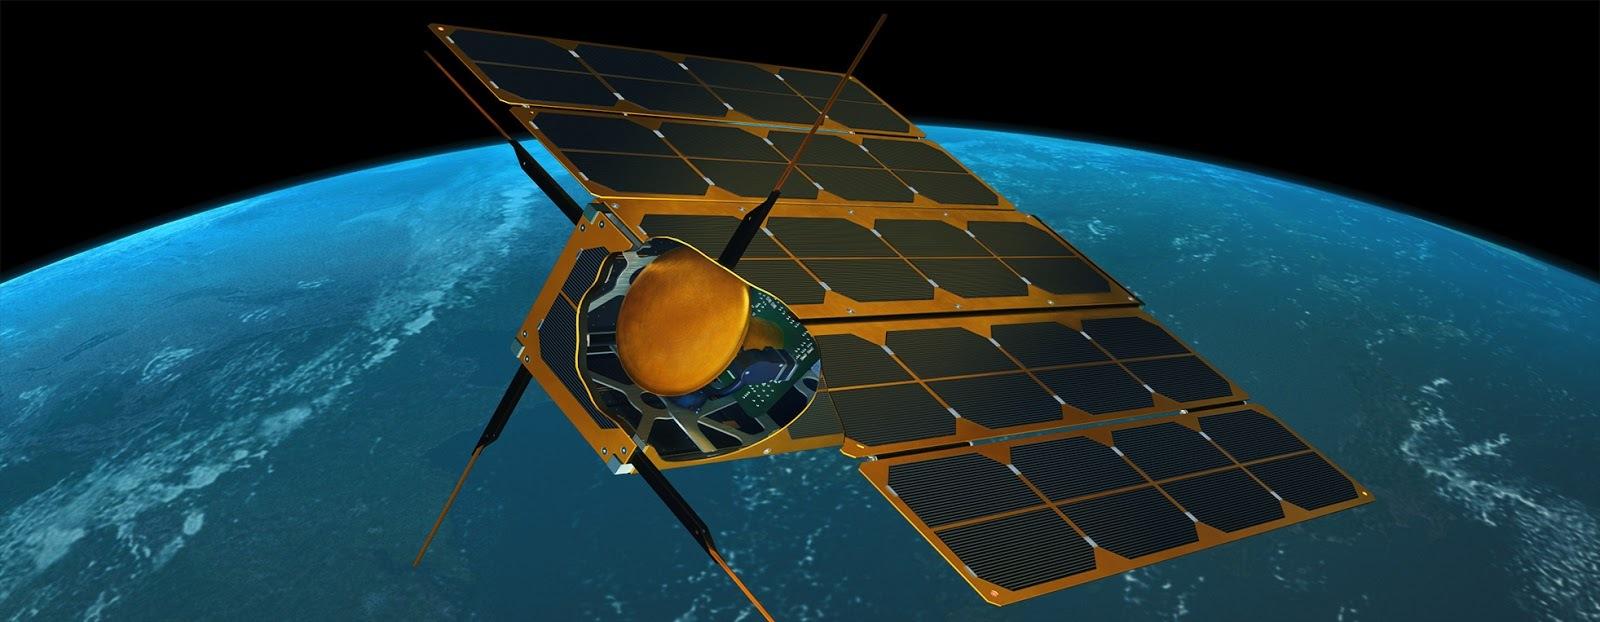 НАСА опубликовало официальную финальную версию своего доклада об испытаниях «невозможного» двигателя EmDrive